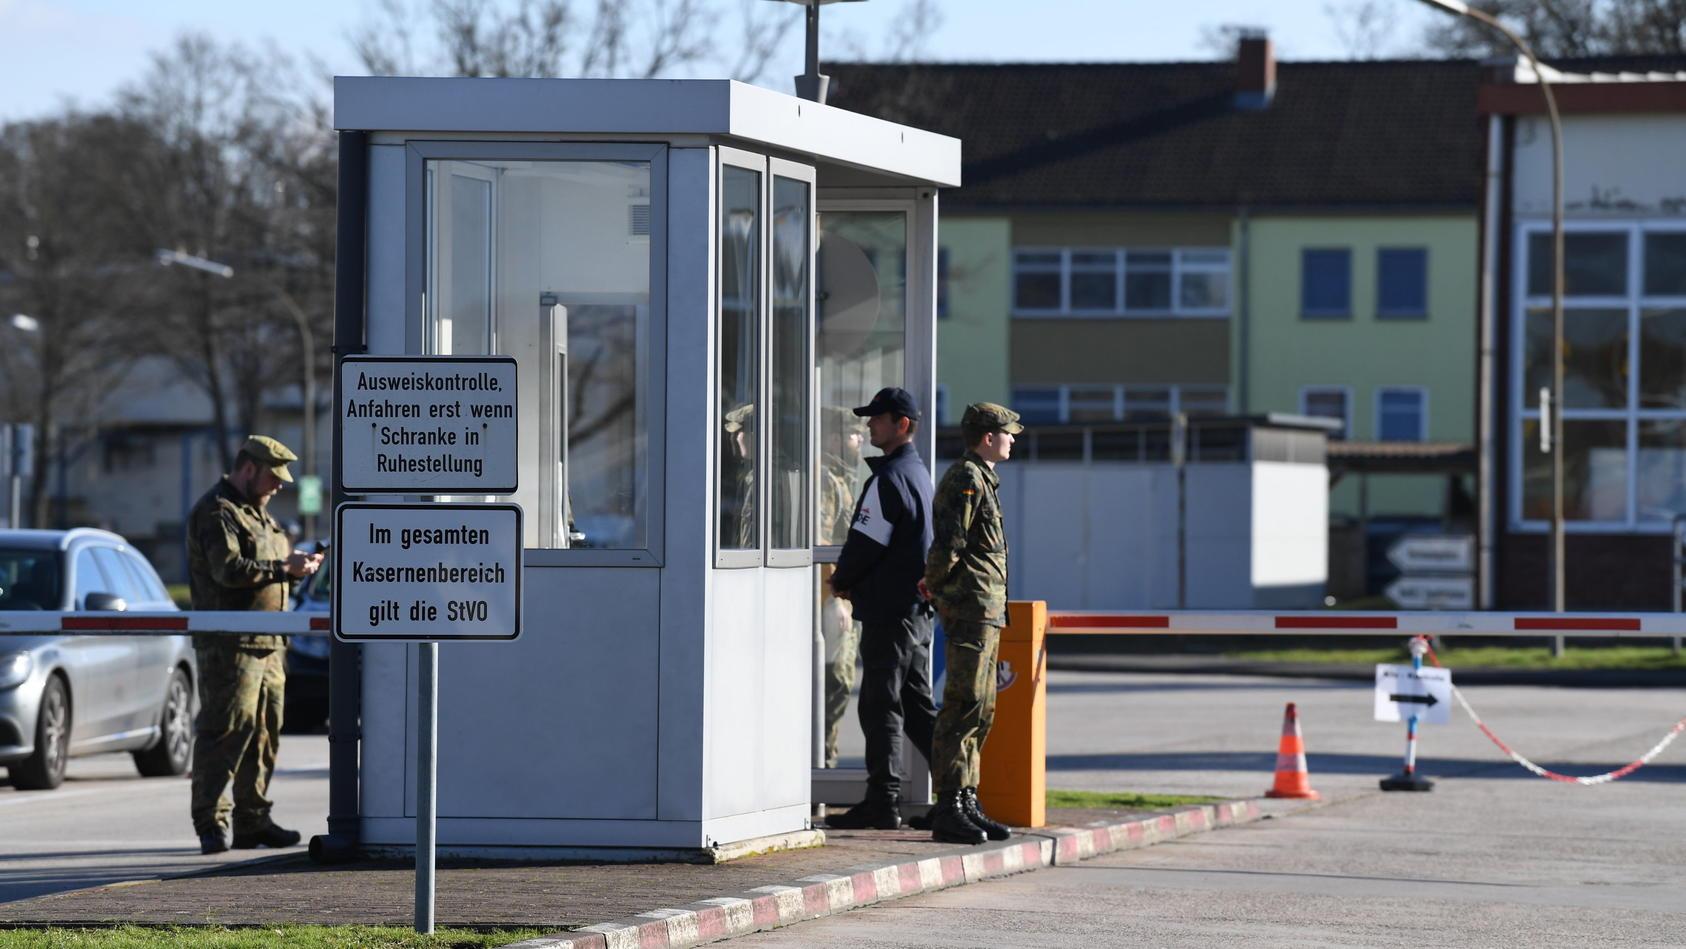 Vor der Quarantäne-Kaserne in Germersheim halten Soldaten Wache, damit niemand die Sicherheits-Isolation unterbricht.